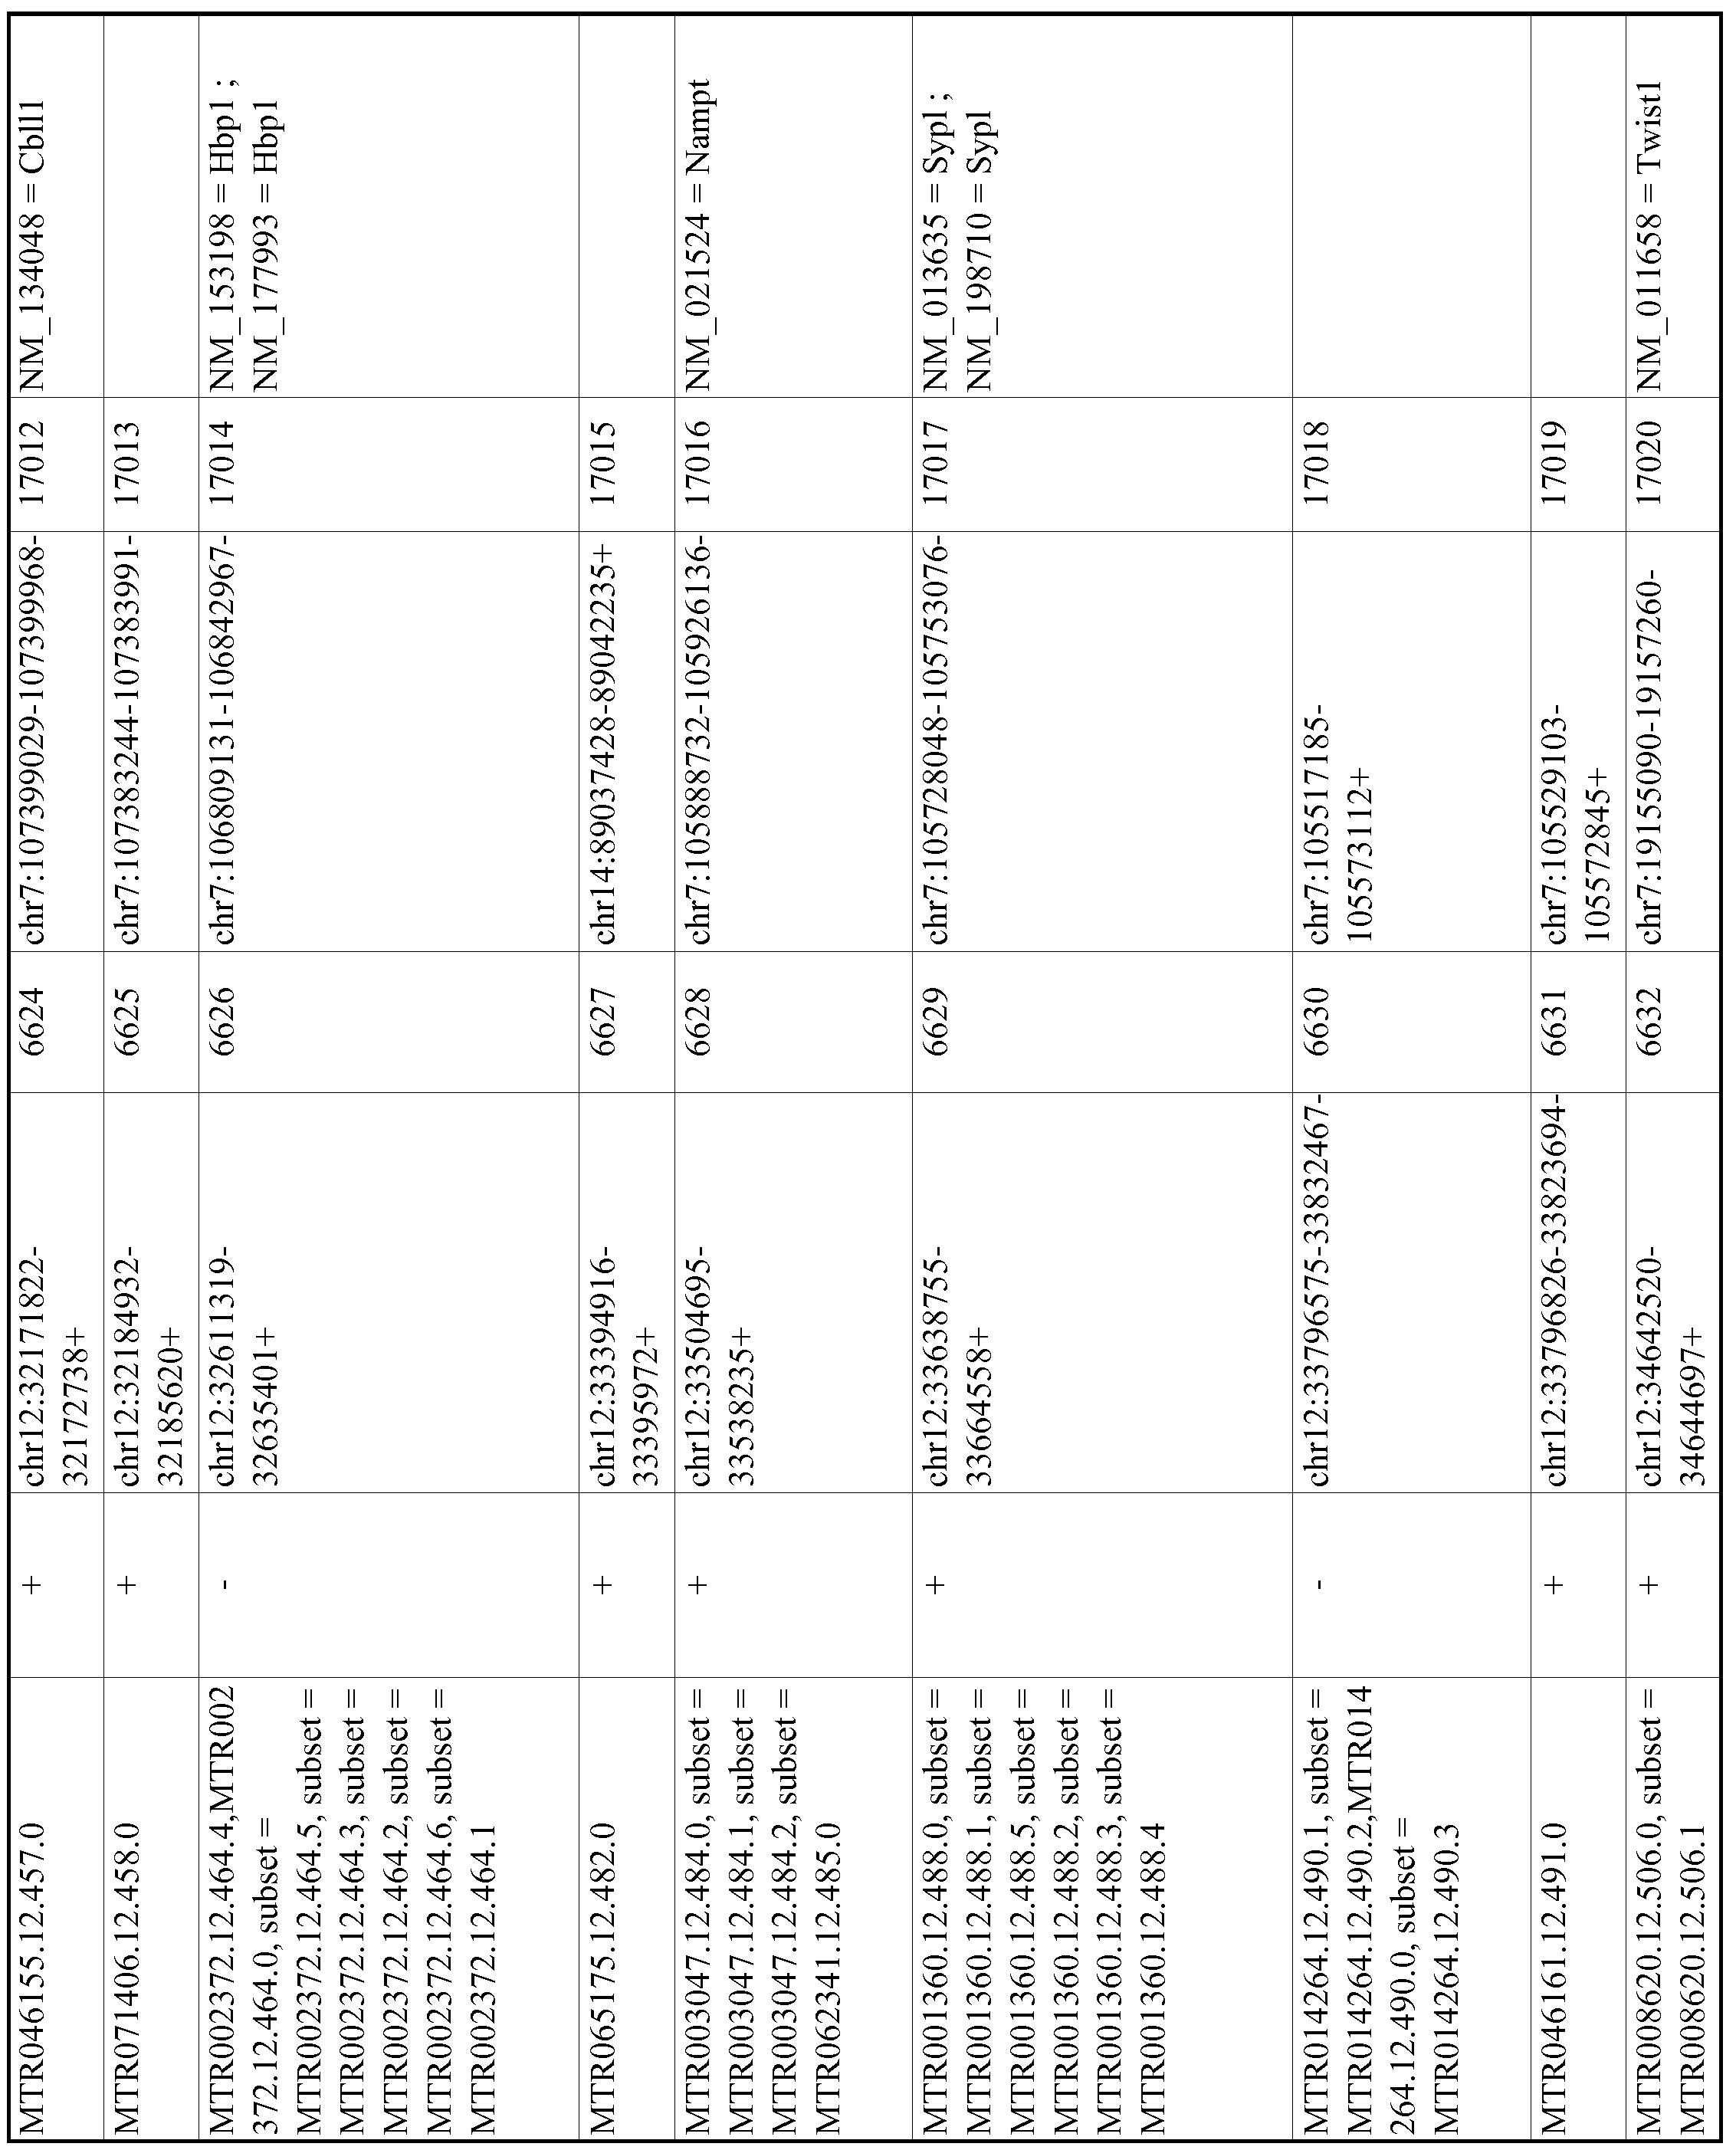 Figure imgf001186_0001